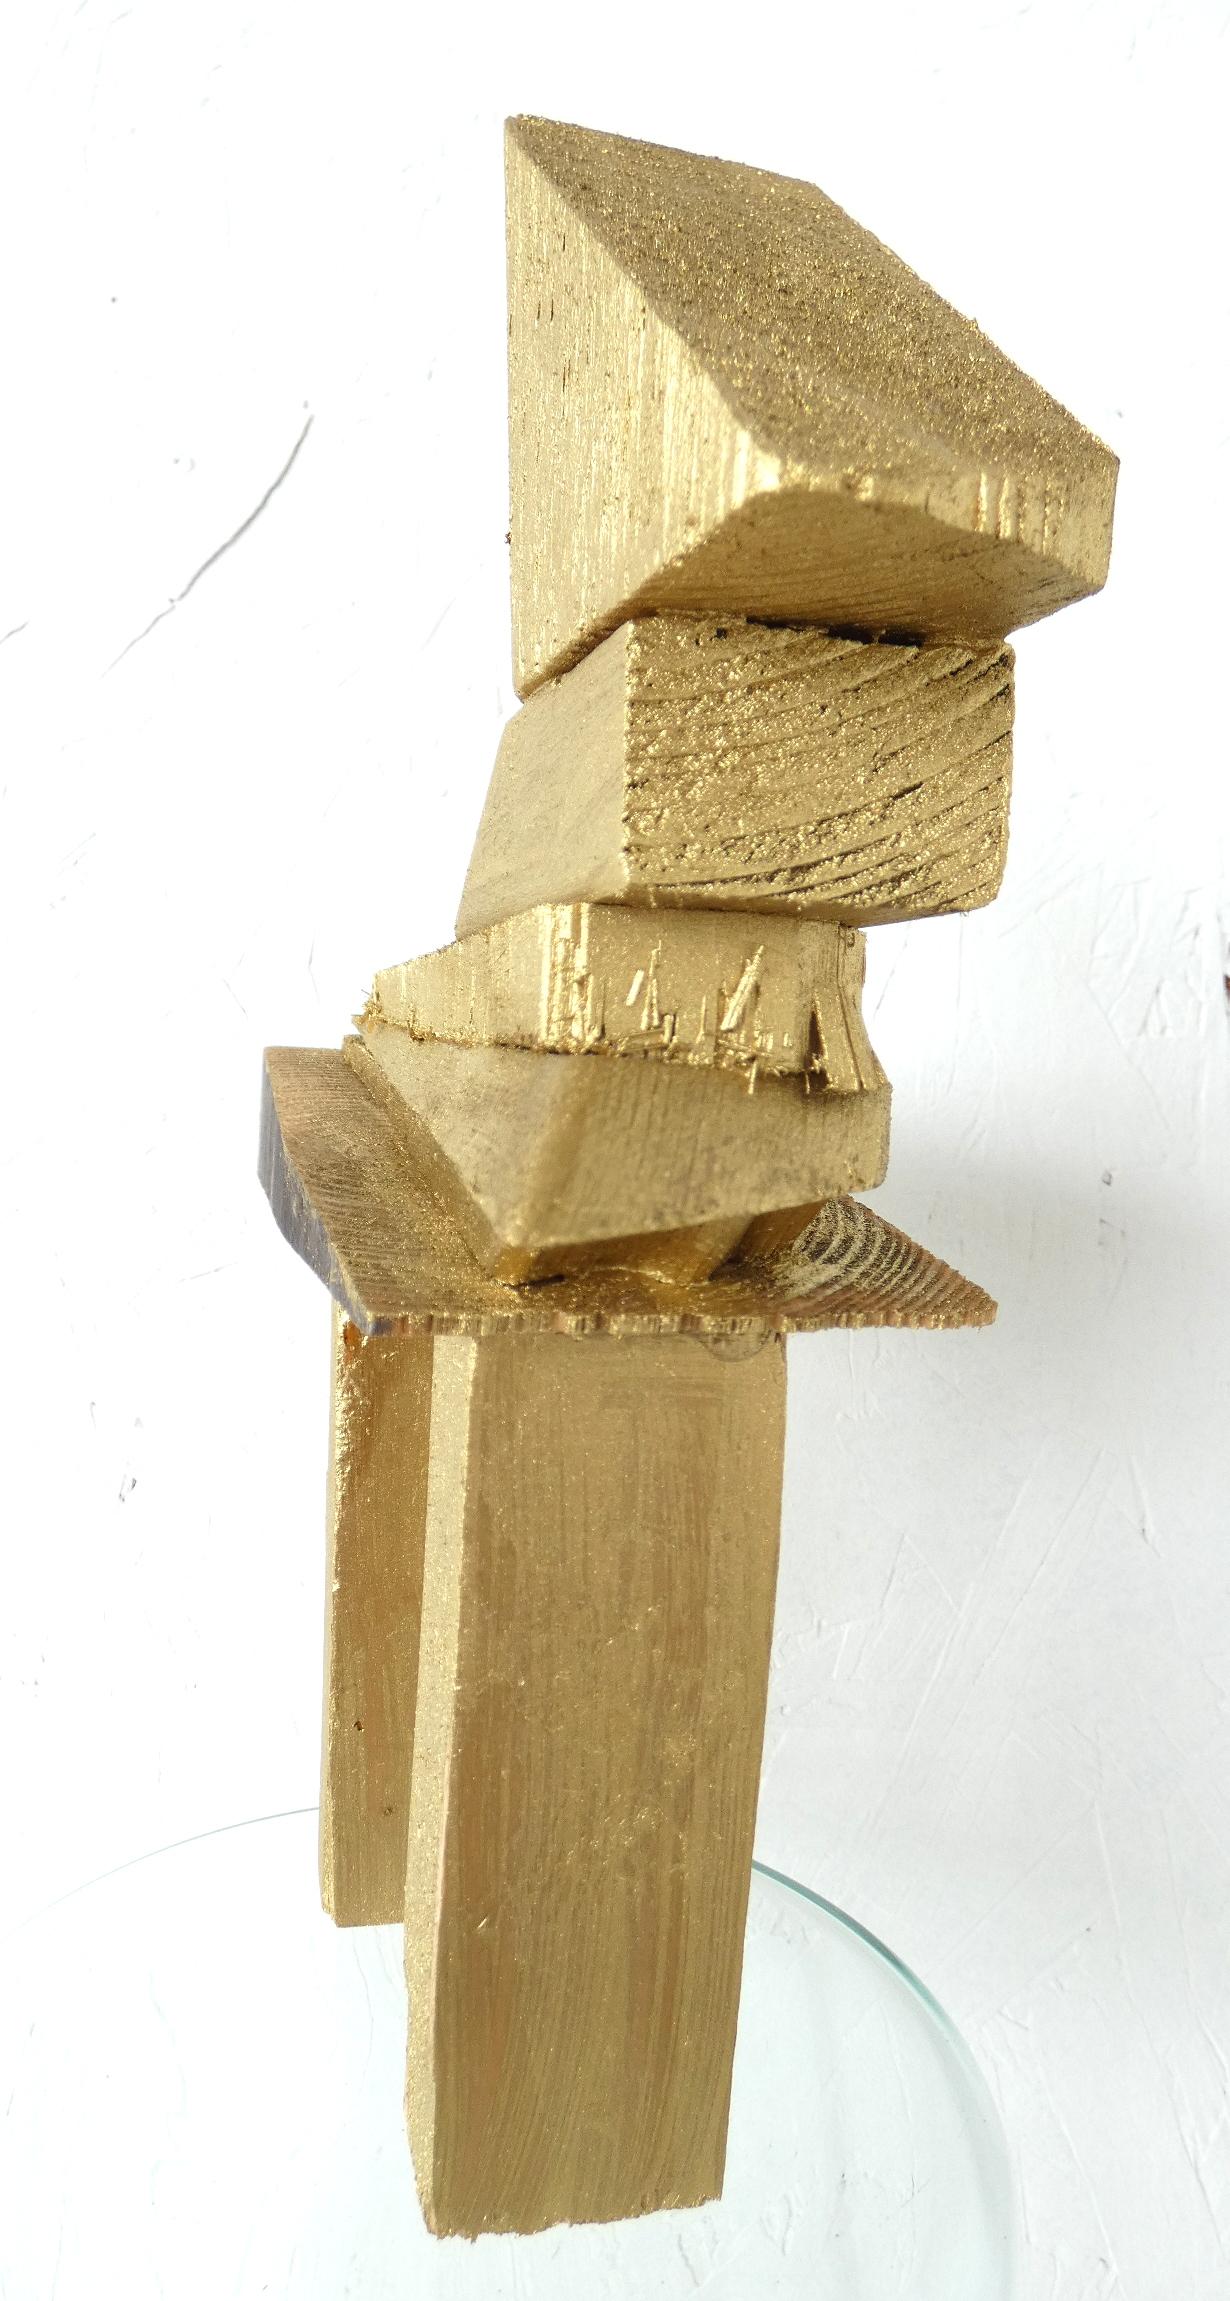 Bling bling paardje kunst, horse, kunstbeeld, artwork, artlovers, hout, goud, kunst kopen, mixed media, sculptuur, kunstenaar Wietske Lycklama à Nijeholt